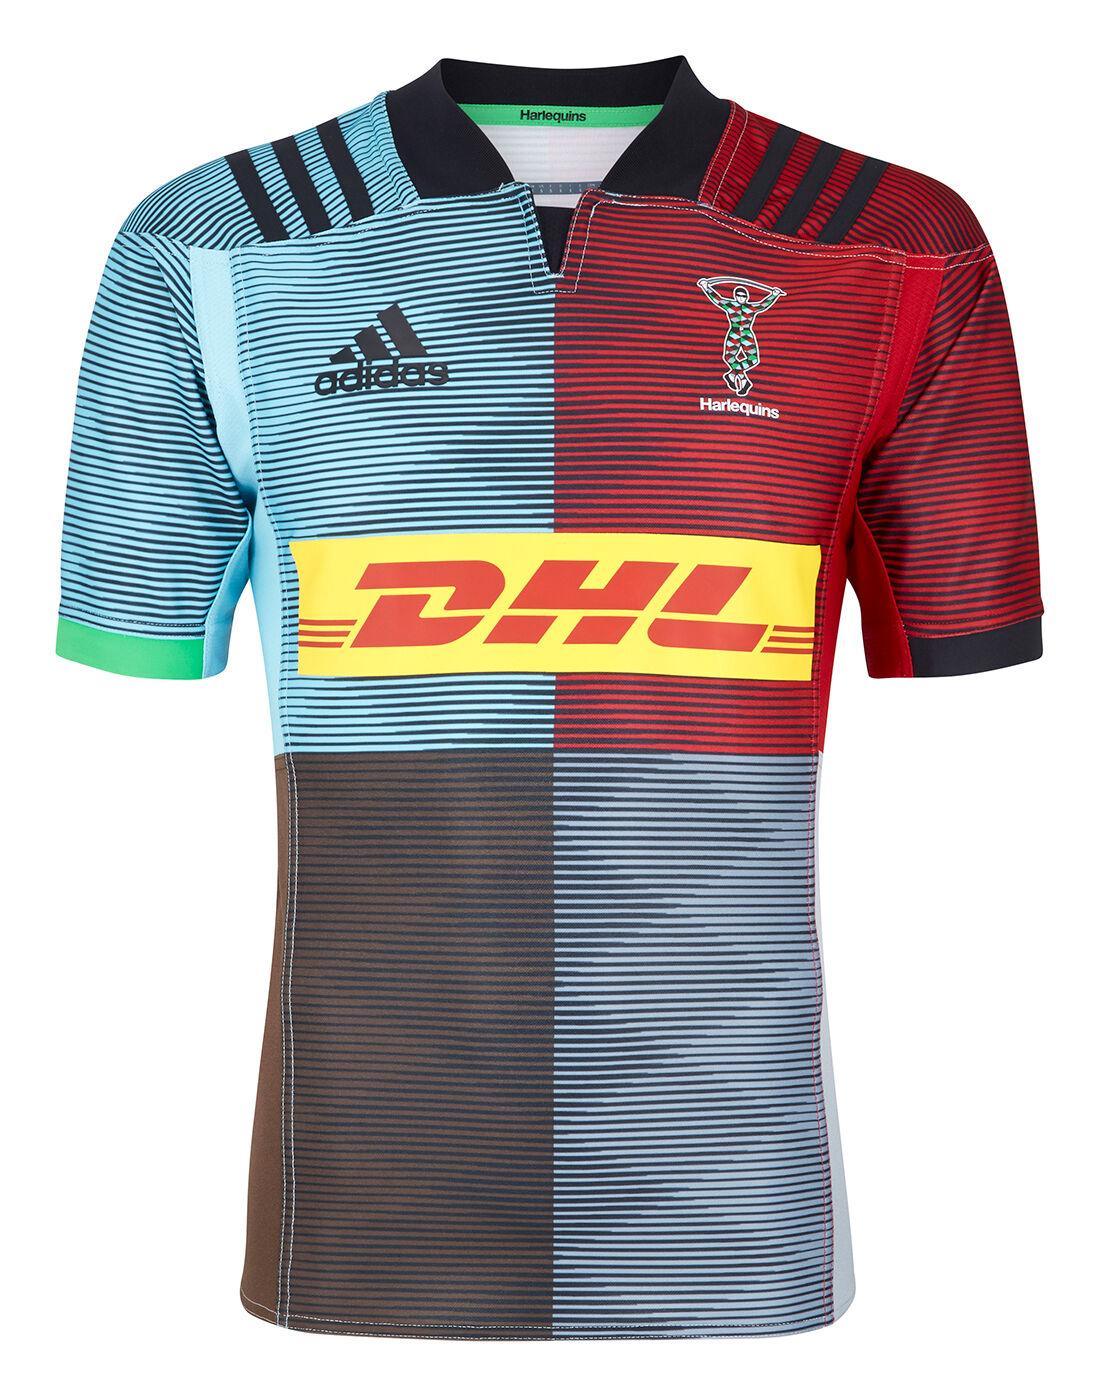 Herren Sport & Freizeit adidas Herren Harlequins T Shirt 1 T